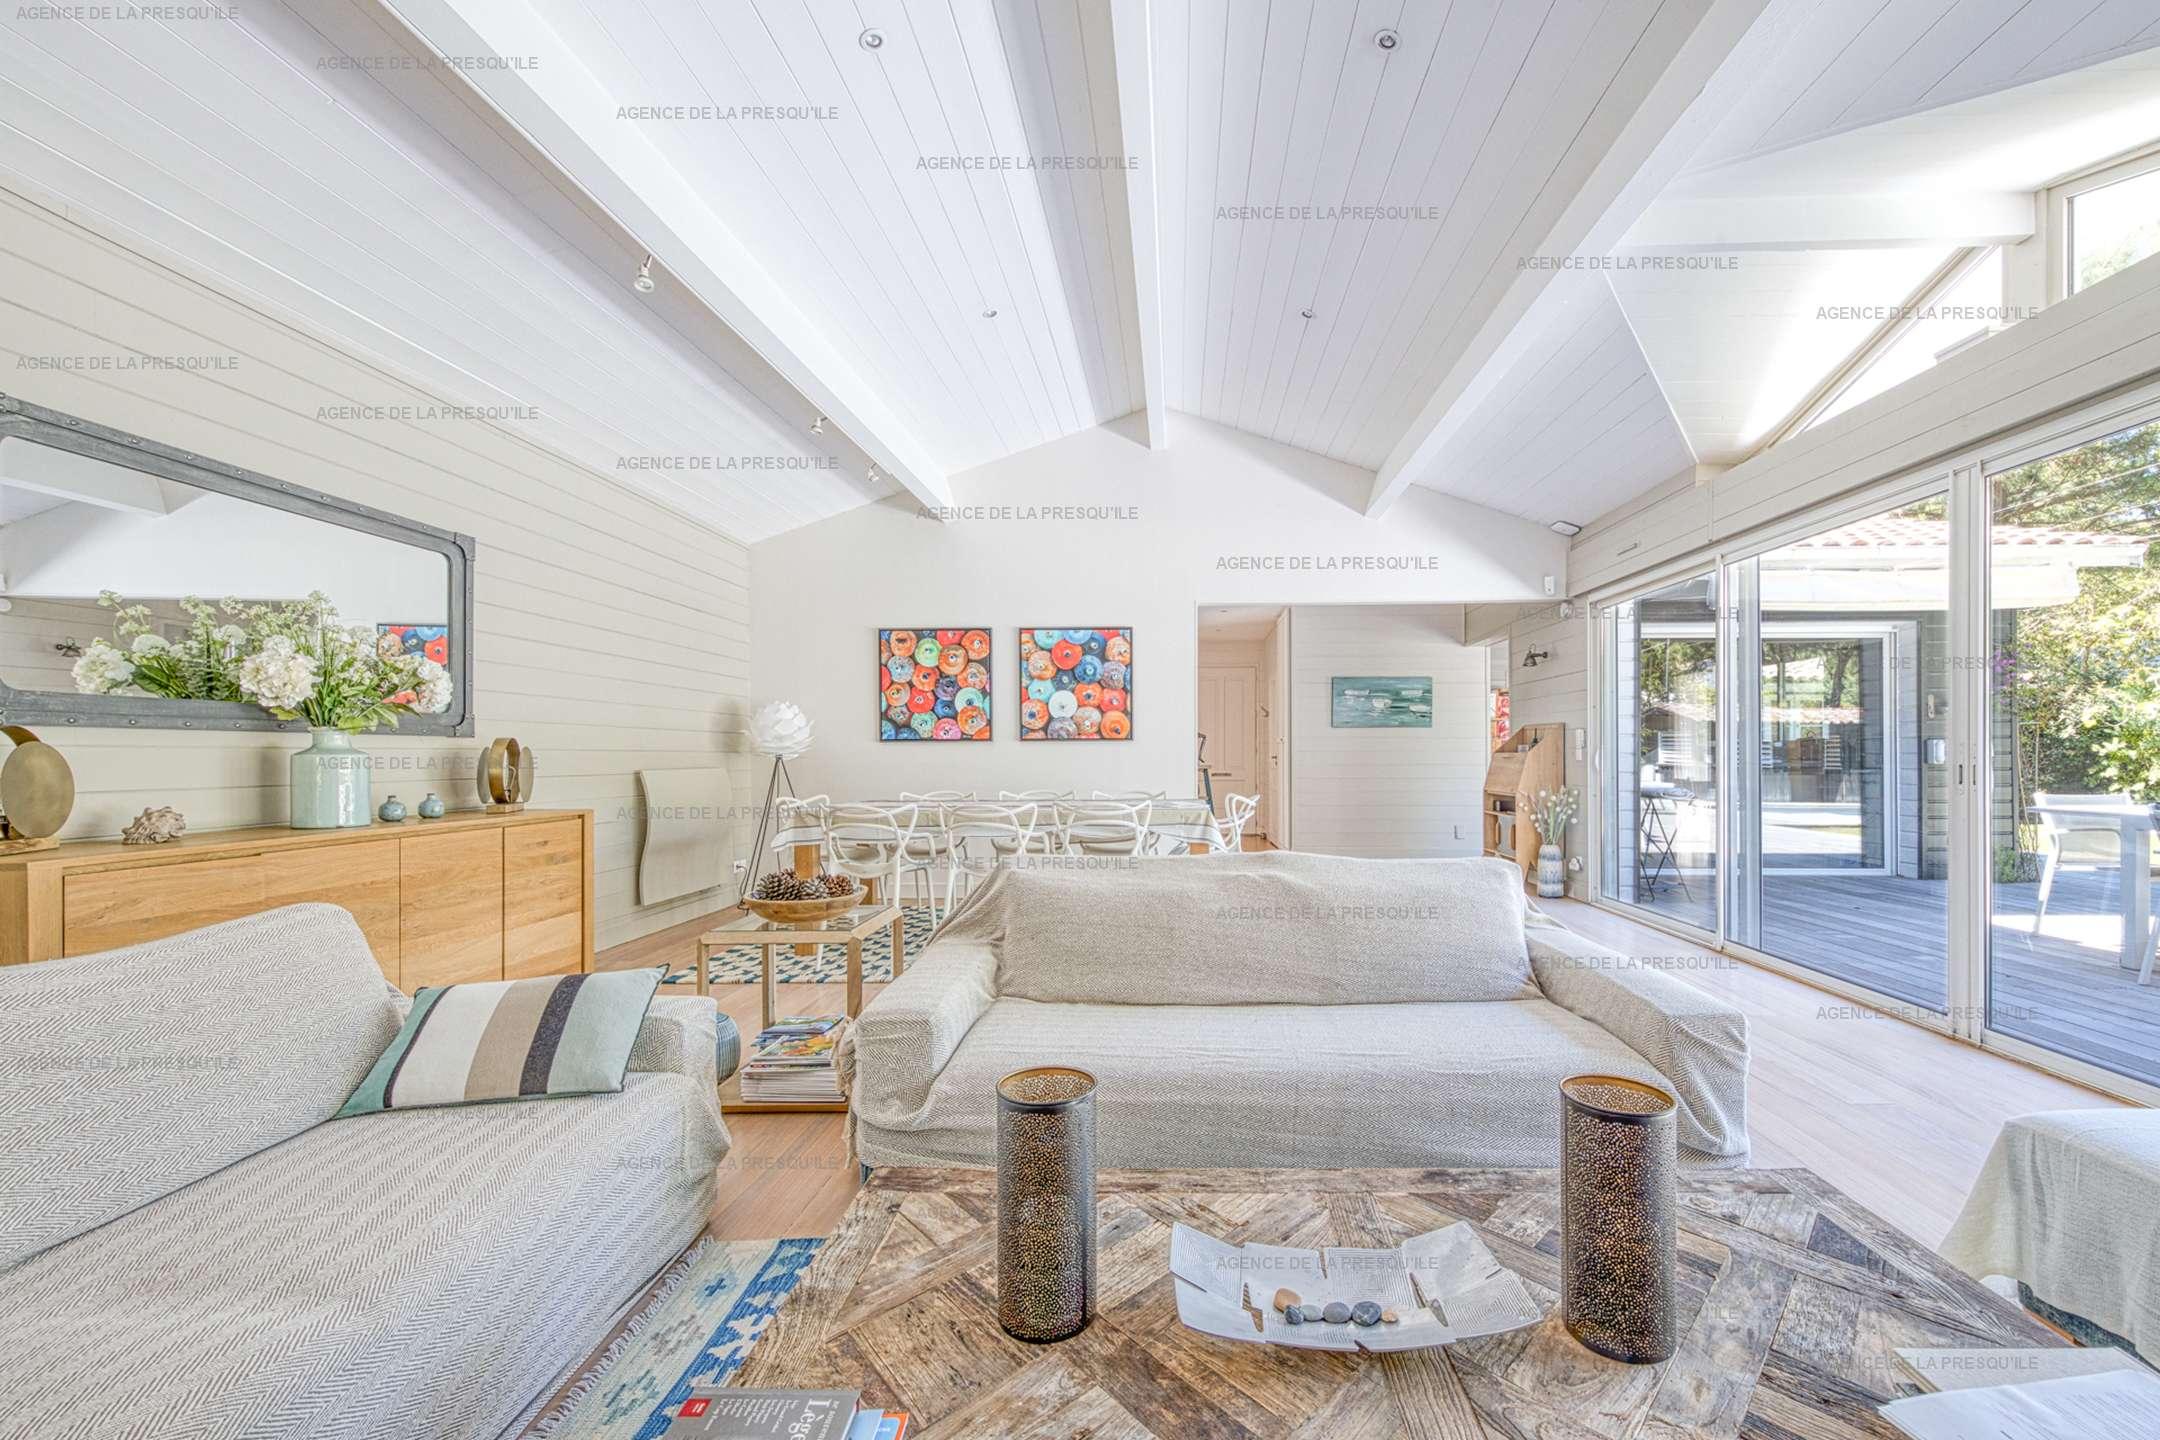 Location: Au calme, très belle villa en bois avec piscine chauffée 4